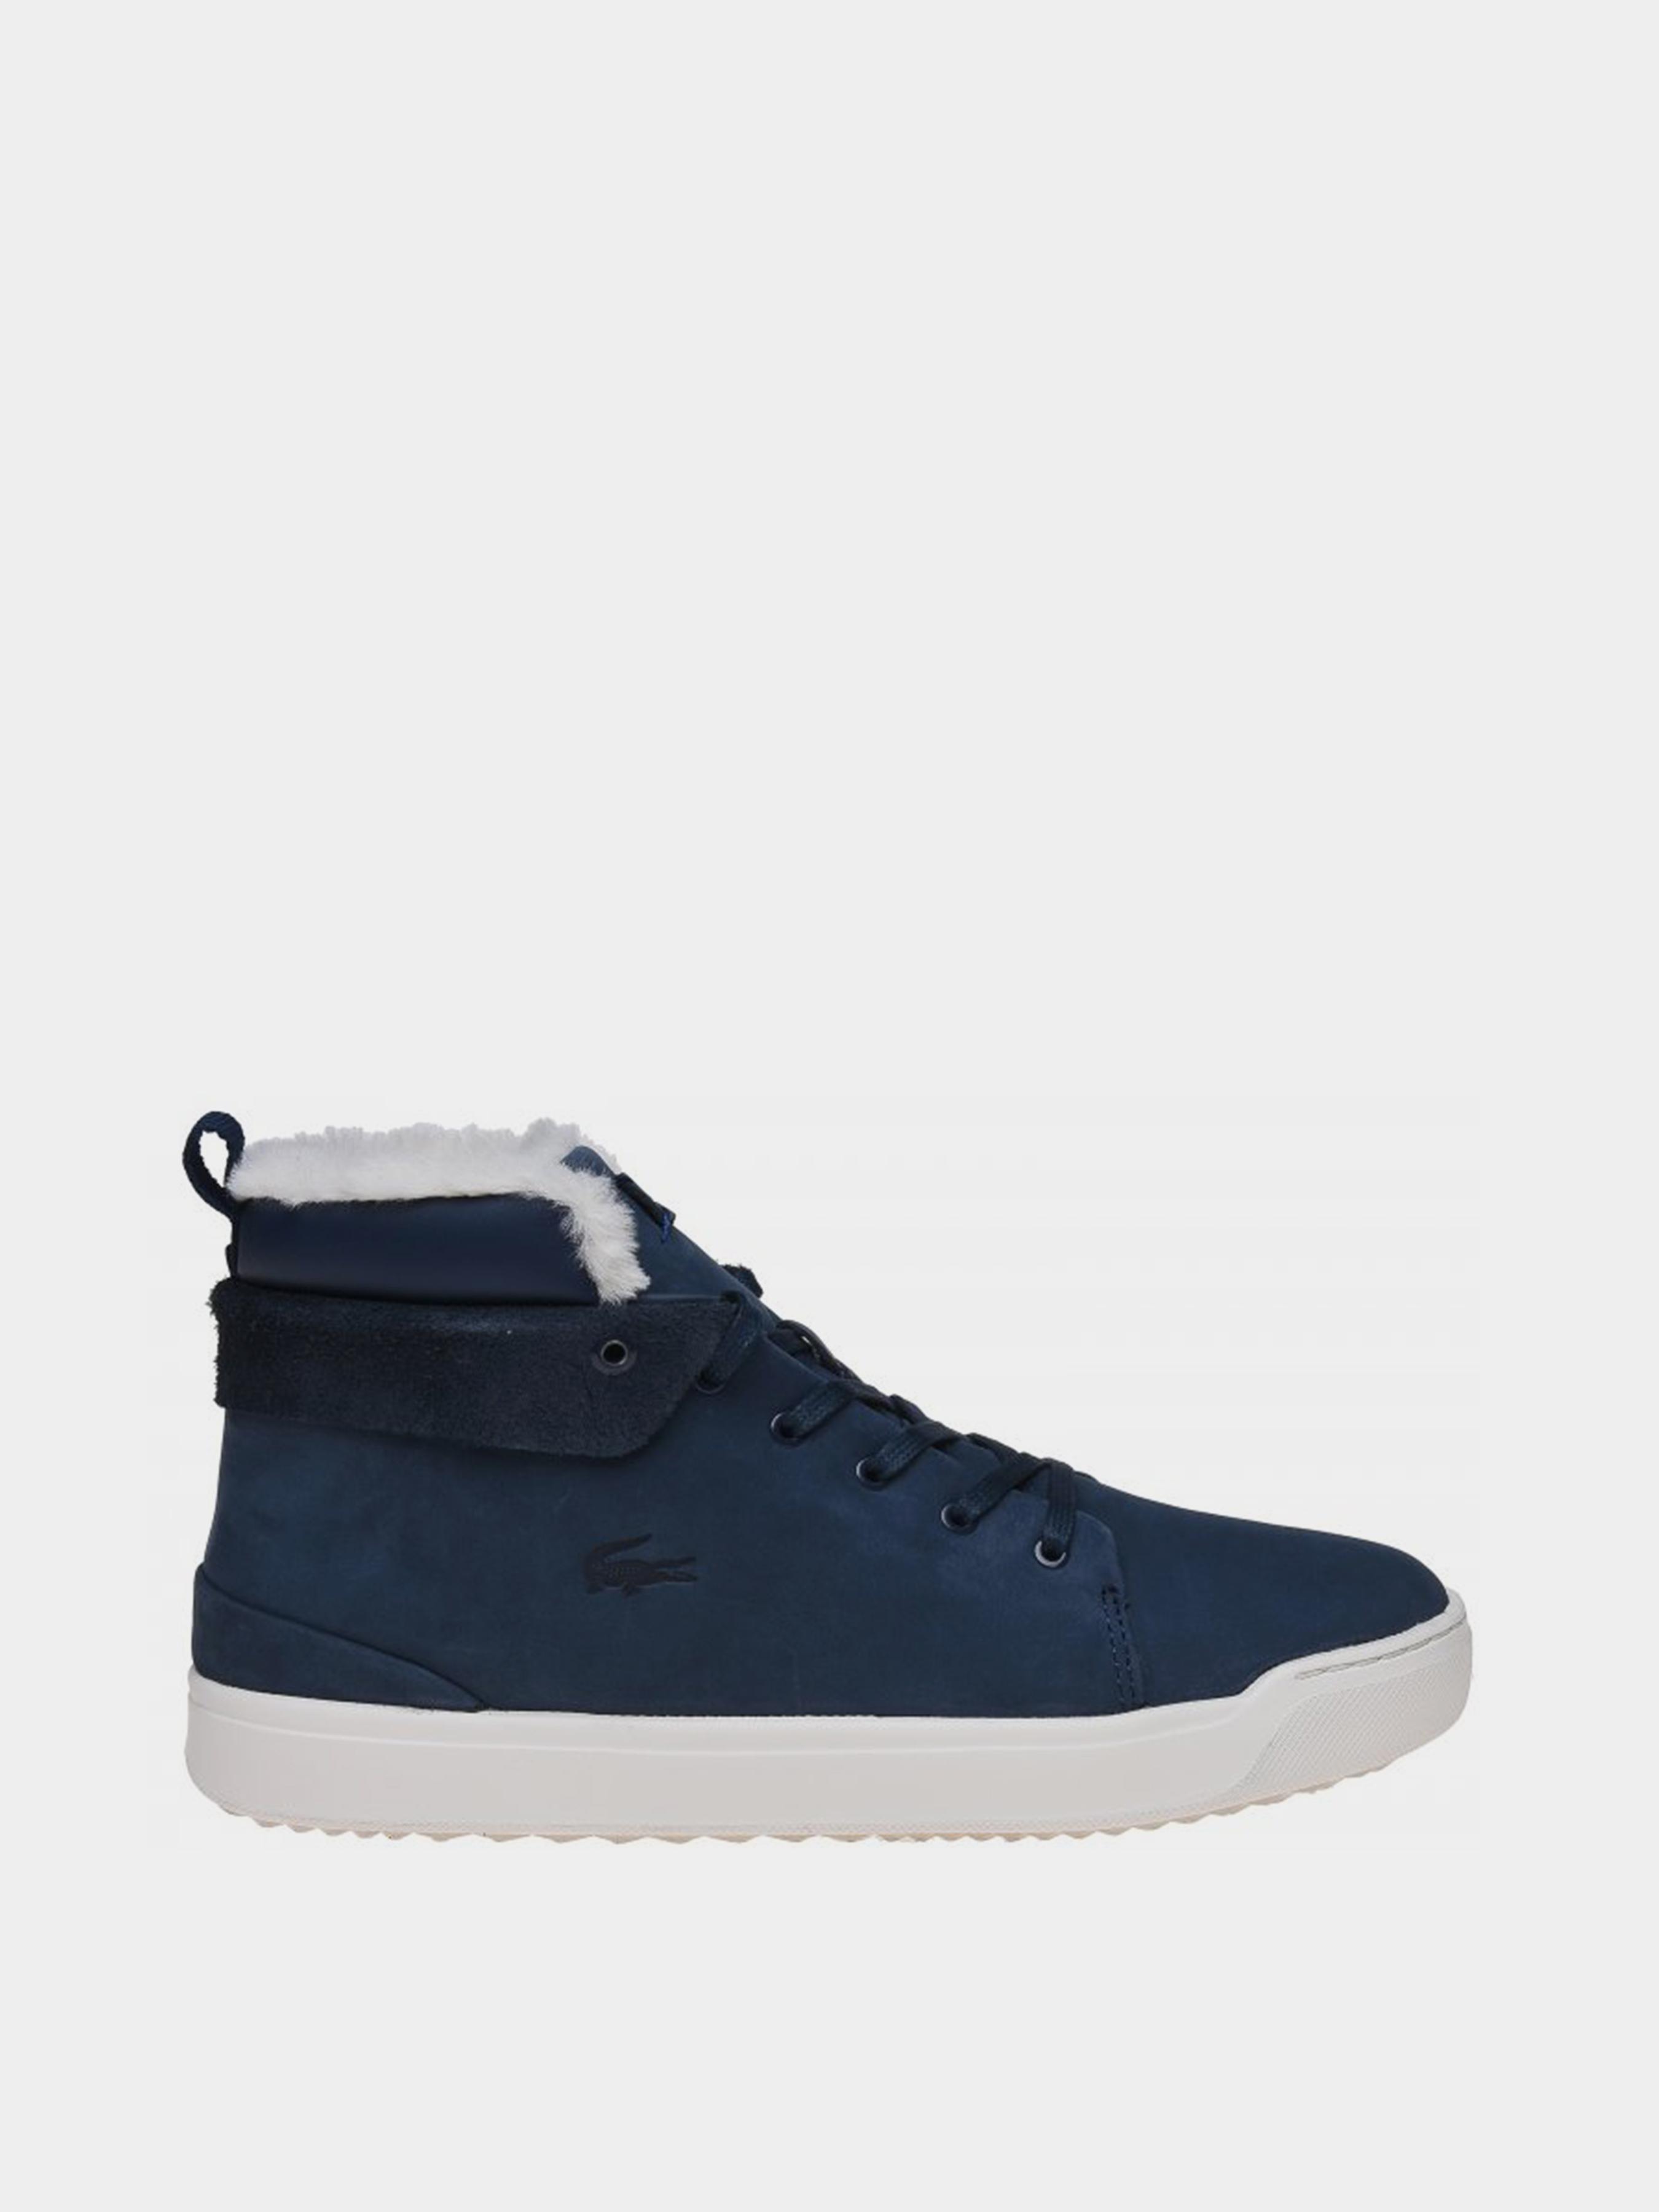 Ботинки для женщин Lacoste LL224 брендовые, 2017